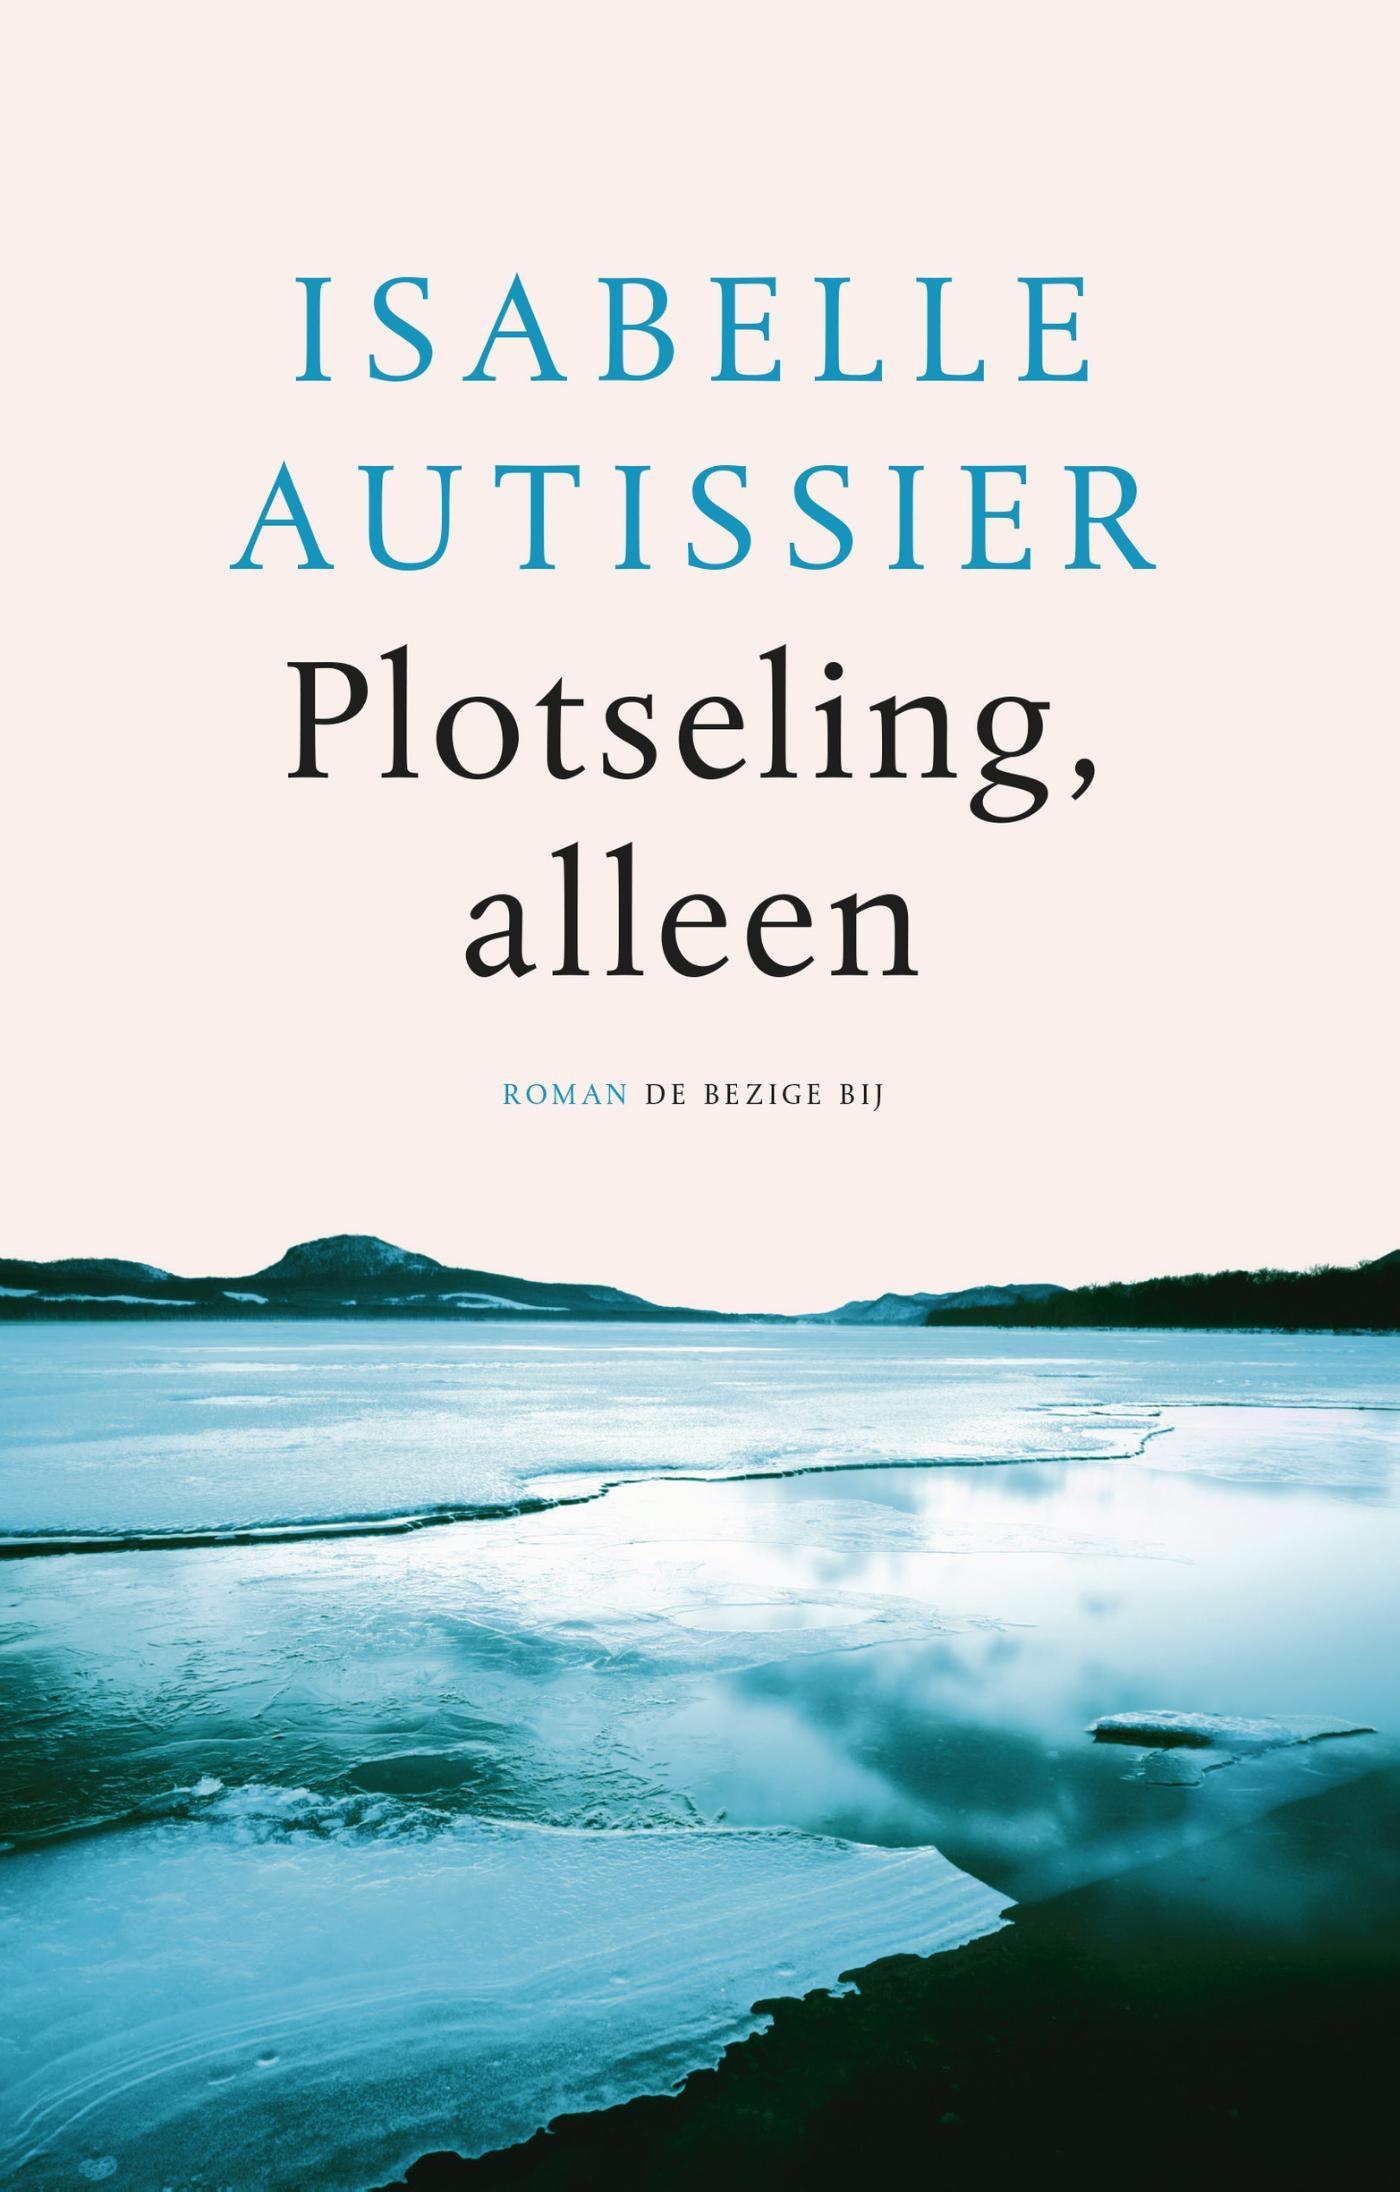 Plotseling, alleen – Isabelle Autissier